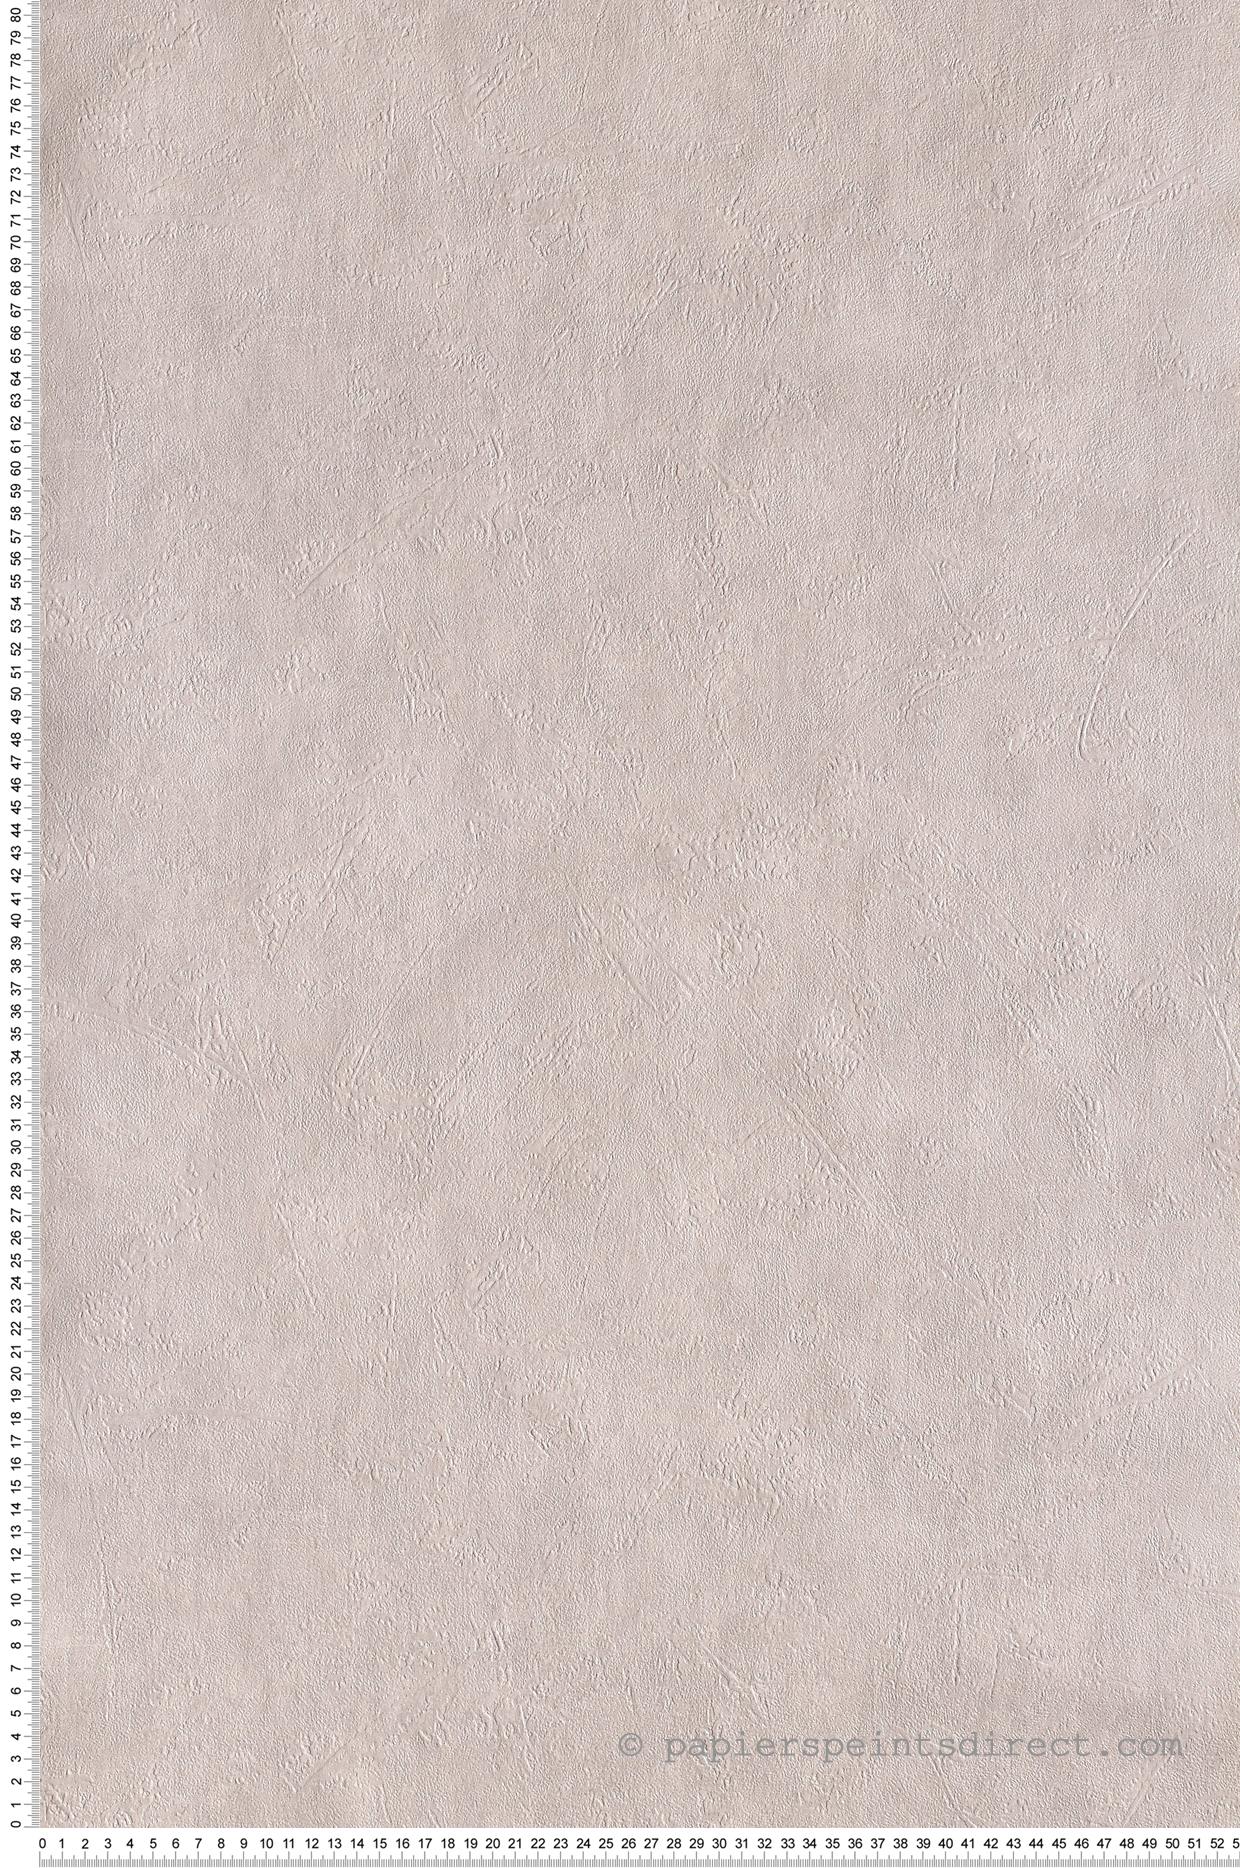 Papier Peint Uni béton gris - Les aventures de Lutèce  | Réf. LTC-11141809